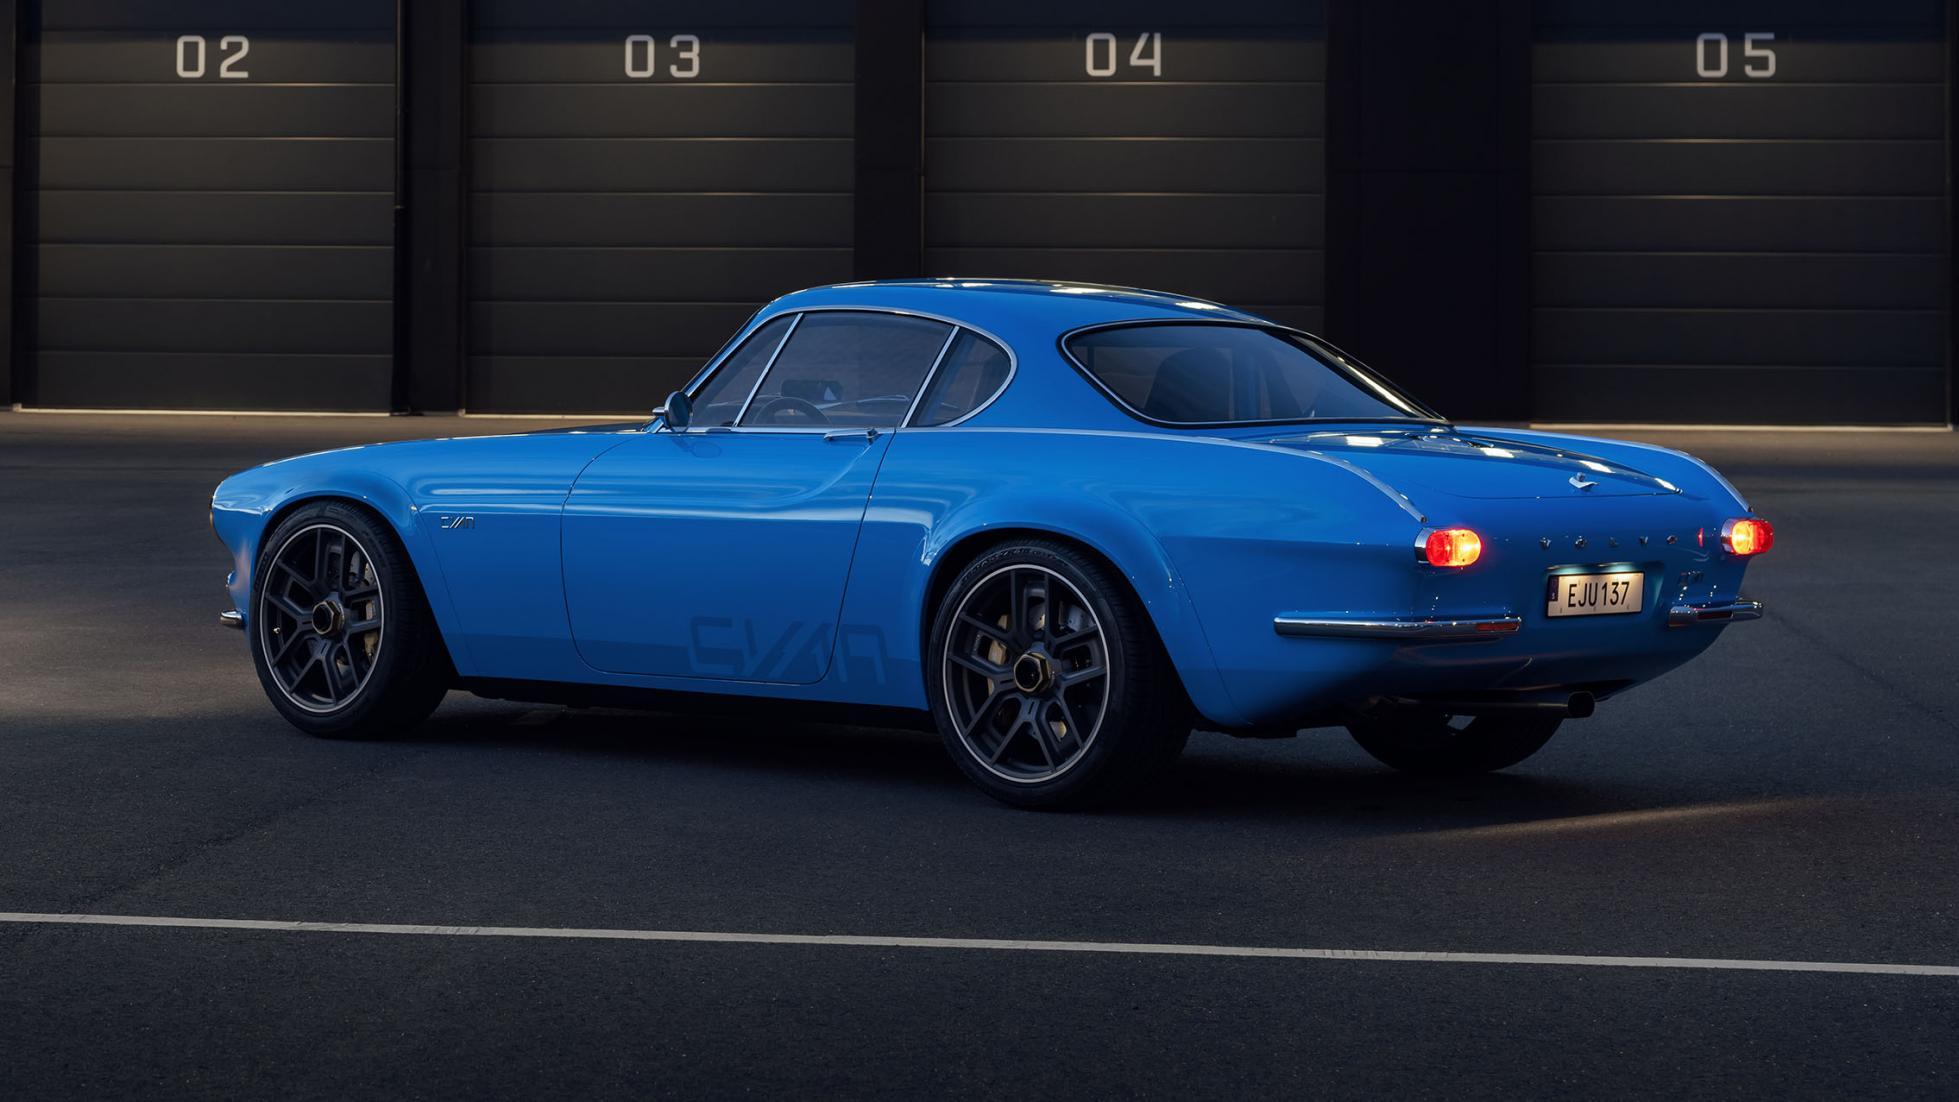 Volvo P1800 Cyan Racing - J'suis bleu, j'suis métal ! 12